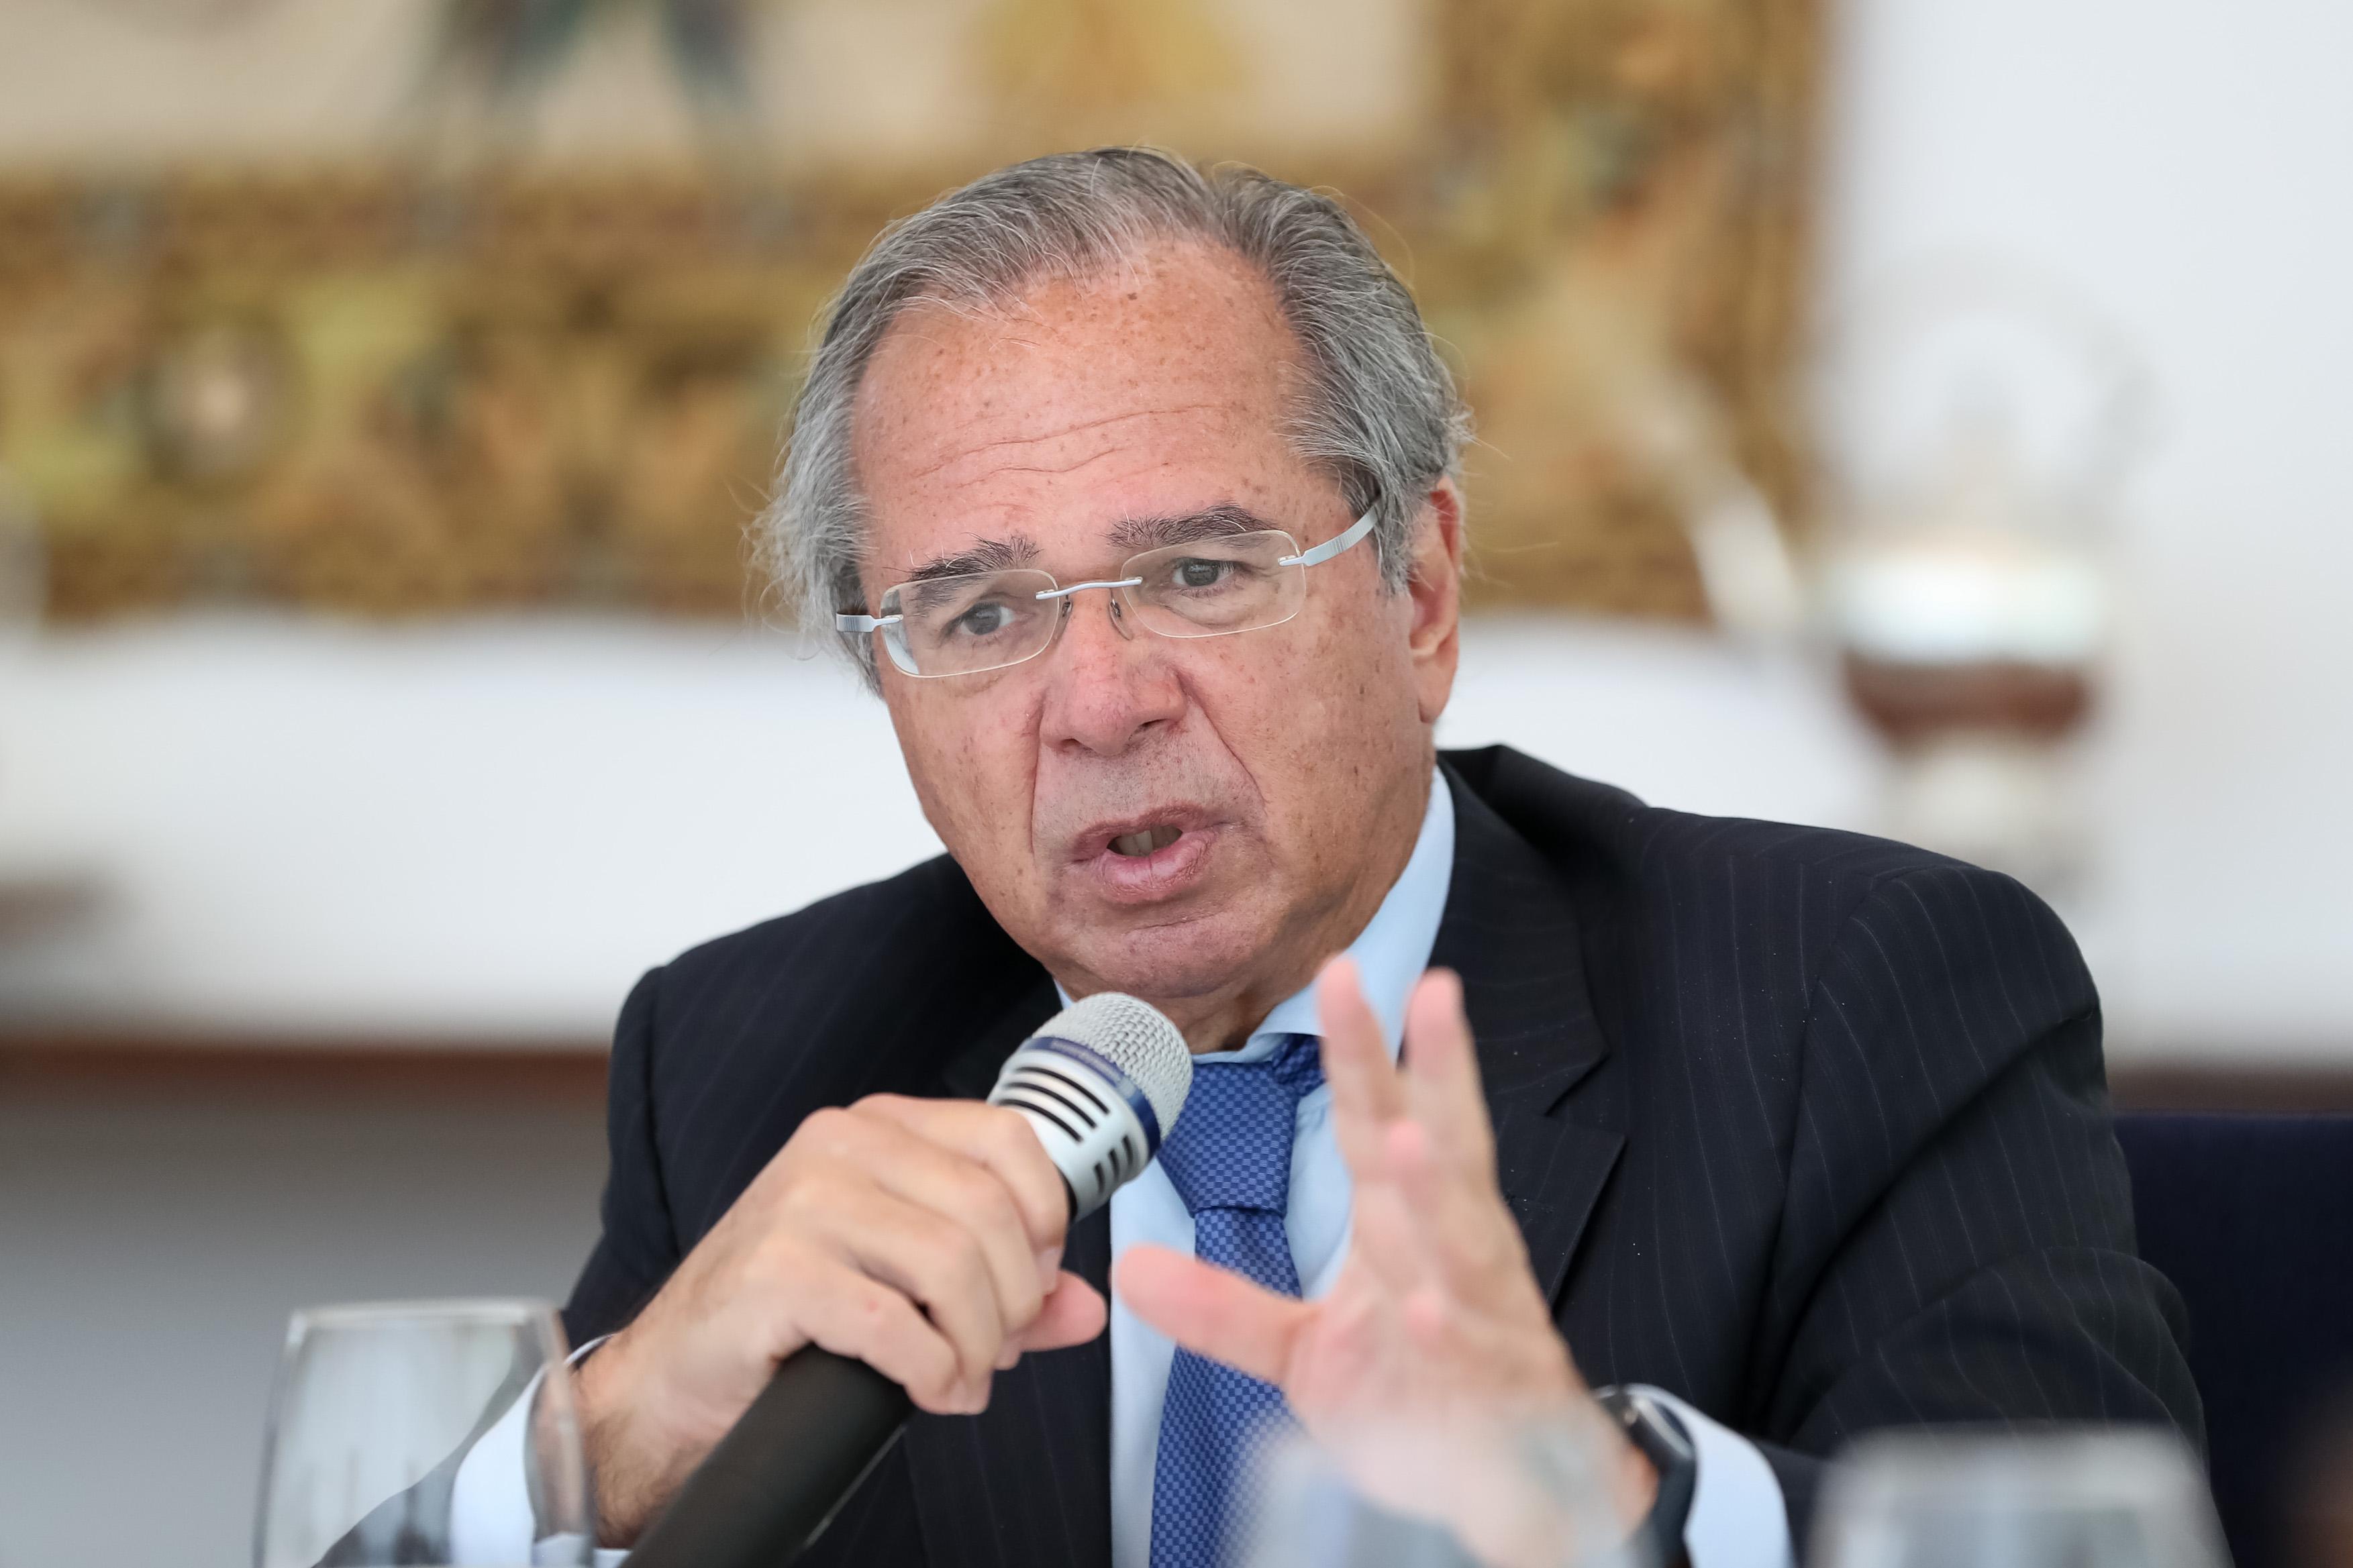 IMAGEM: Guedes: economia está 'muito mais saudável' com dólar a R$ 5 e juro baixo